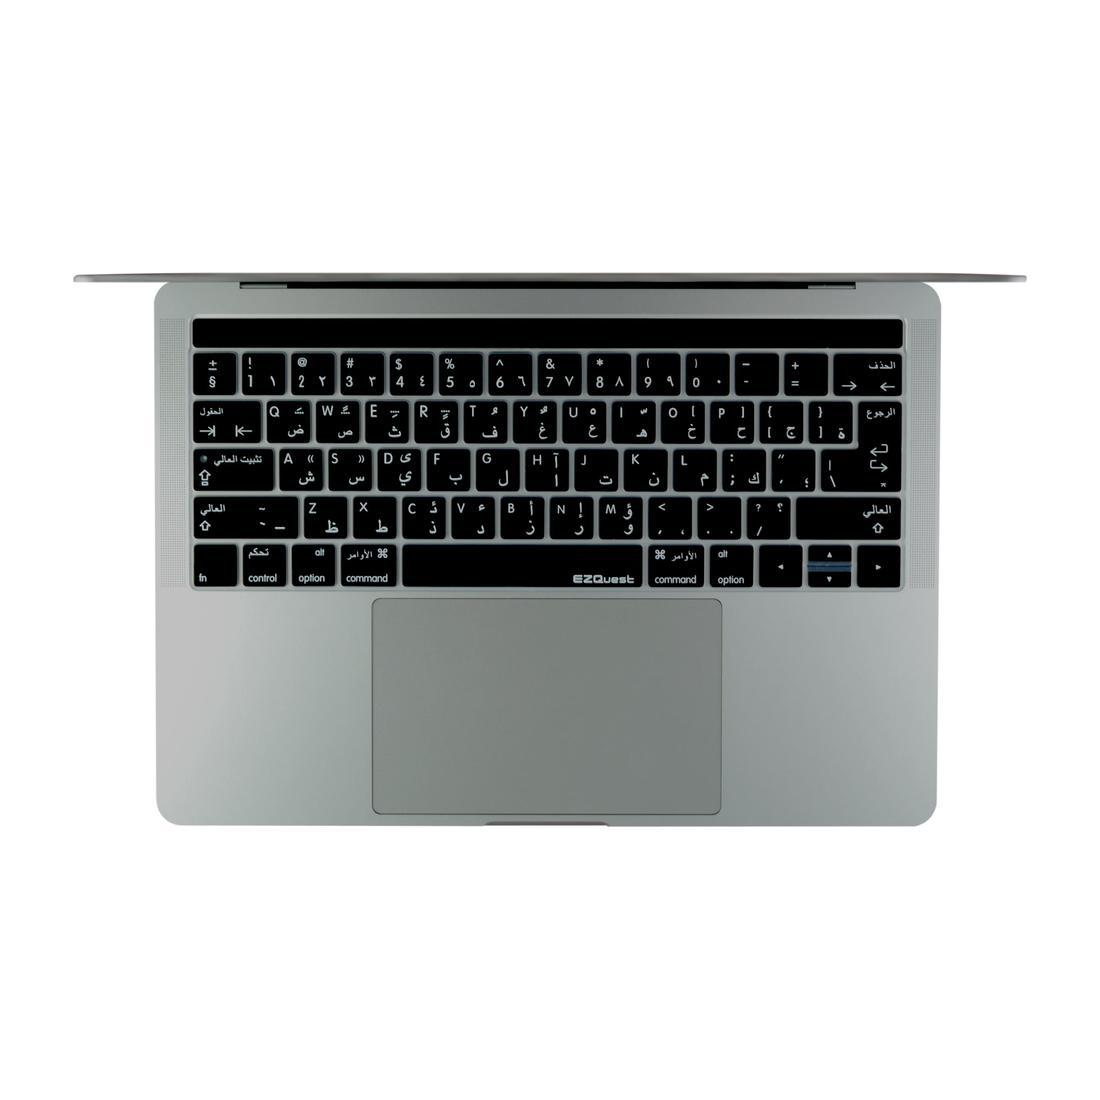 Macbook Pro Mit Fremdsprachiger Tastatur Kein Problem Mit Den Tastenmatten Von Ezquest Mac Life